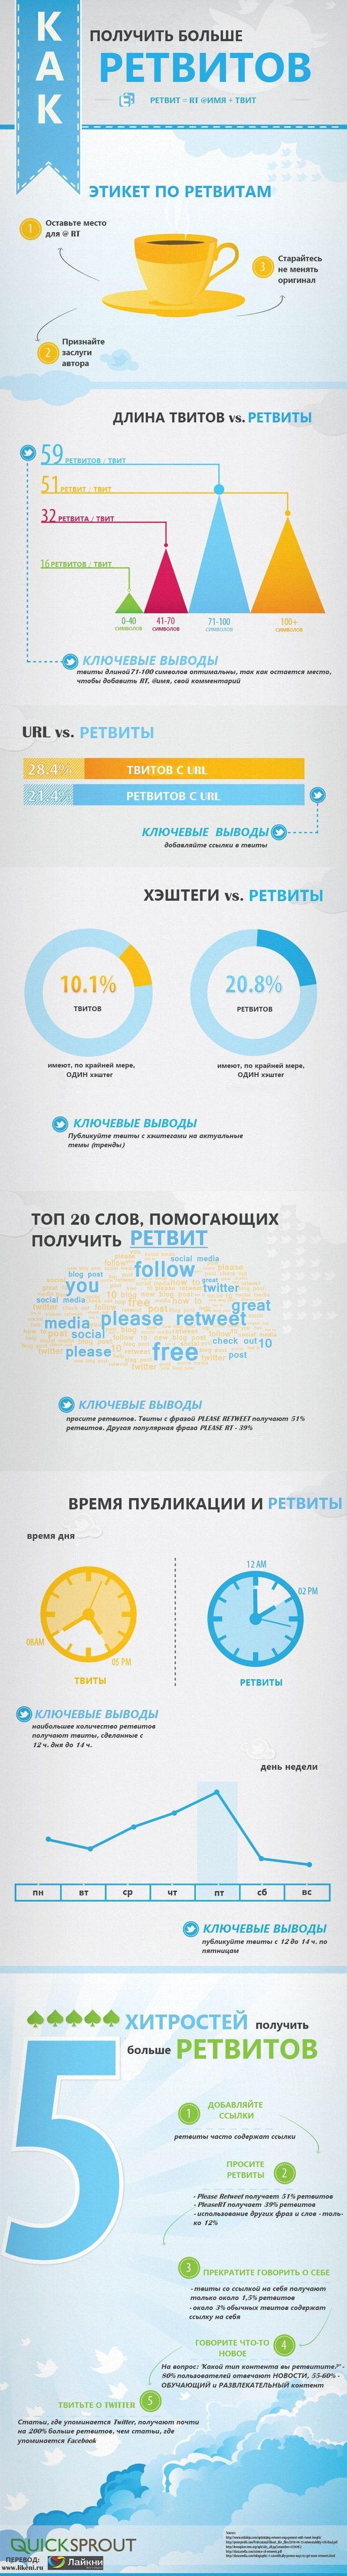 Инфографика: как получить больше ретвитов Подробнее: http://www.likeni.ru/events/infografika-kak-poluchit-bolshe-retweets/